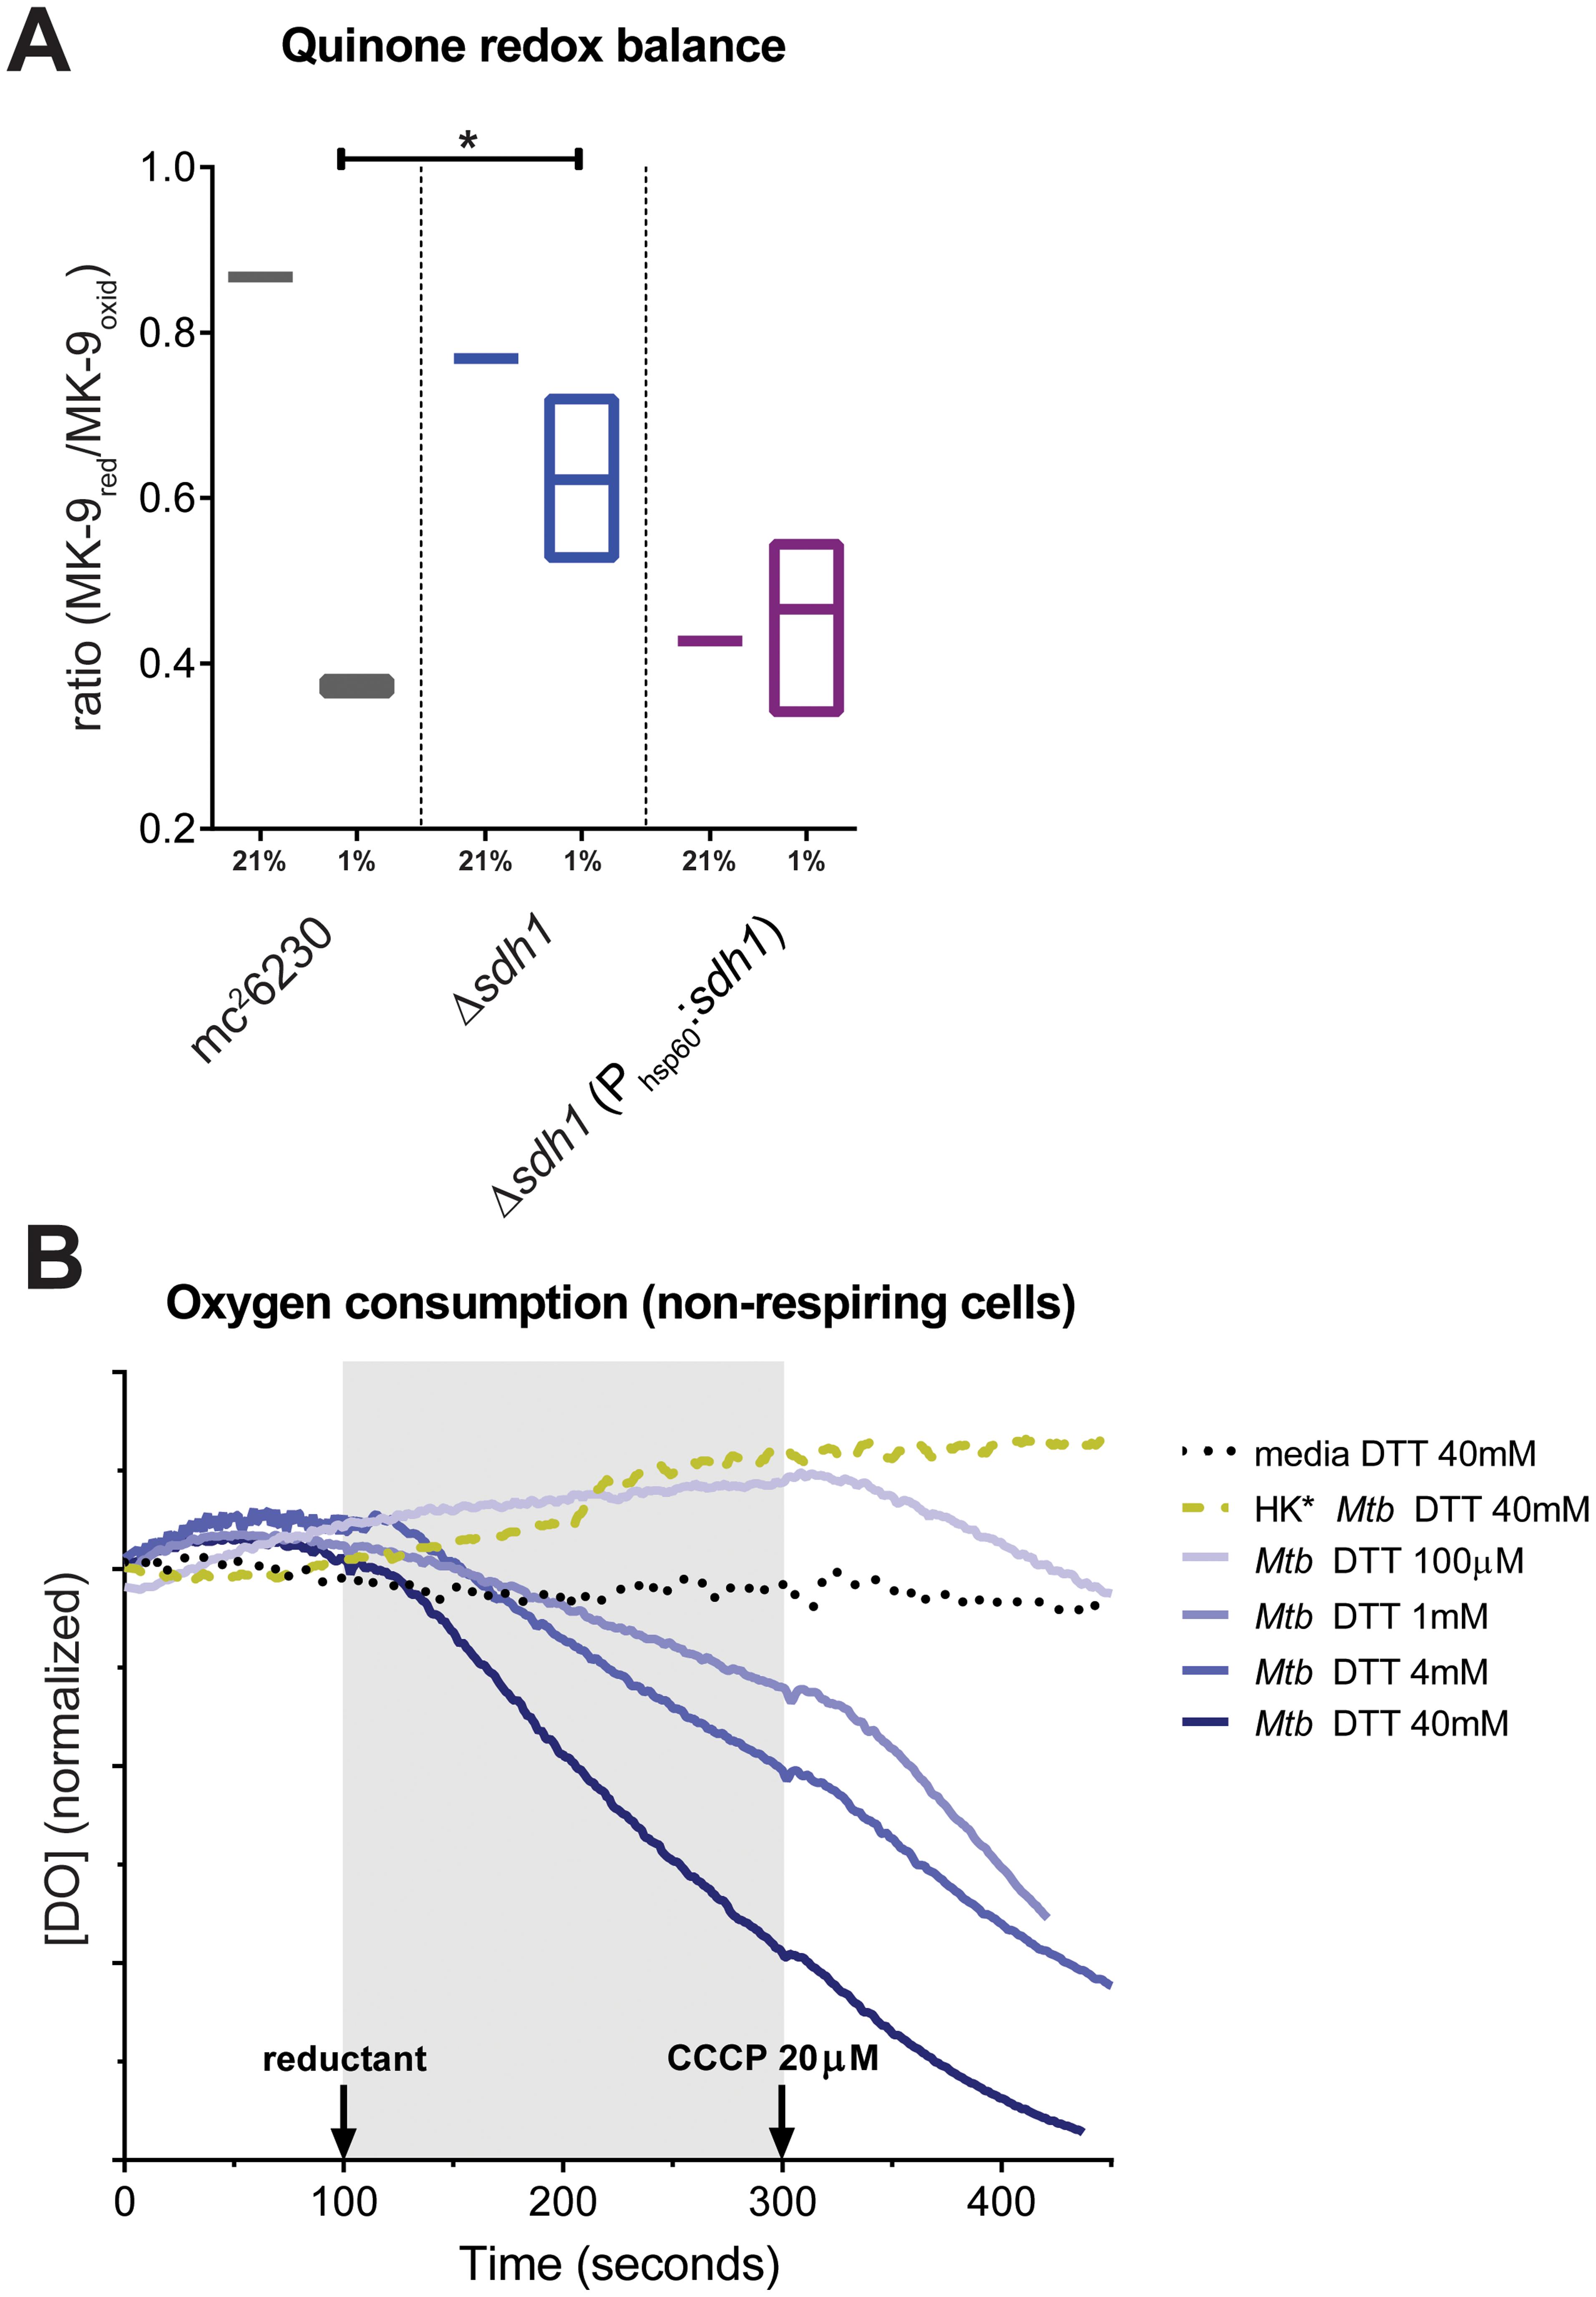 Δ<i>sdh1</i> maintains balanced quinone poise at low [O<sub>2</sub>], but can be stimulated to respire.